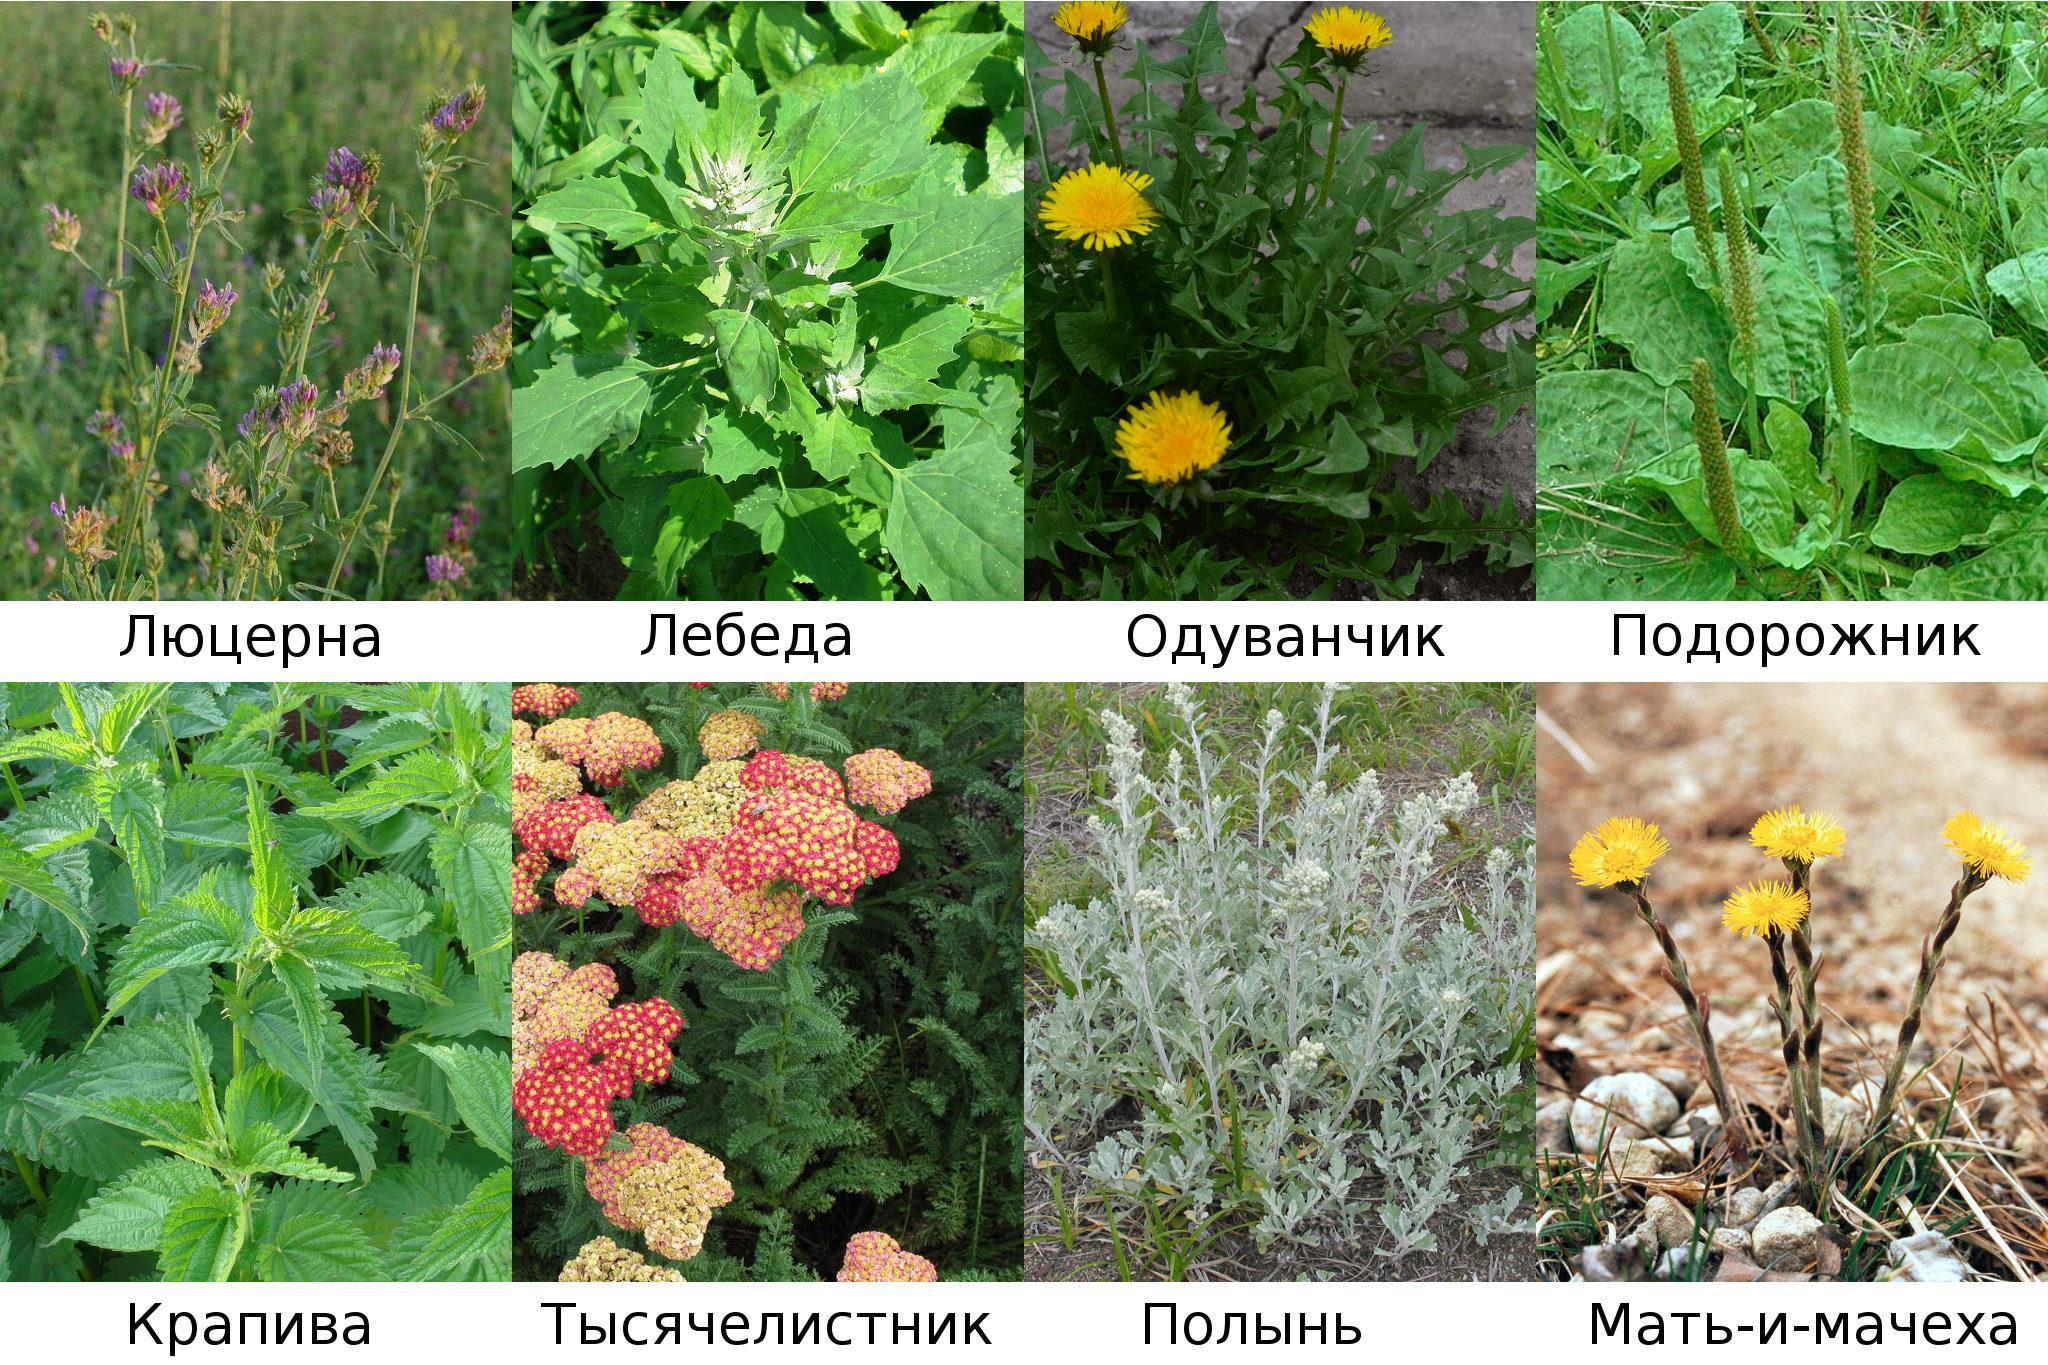 Птицы красноярского края картинки и названия птиц организациях